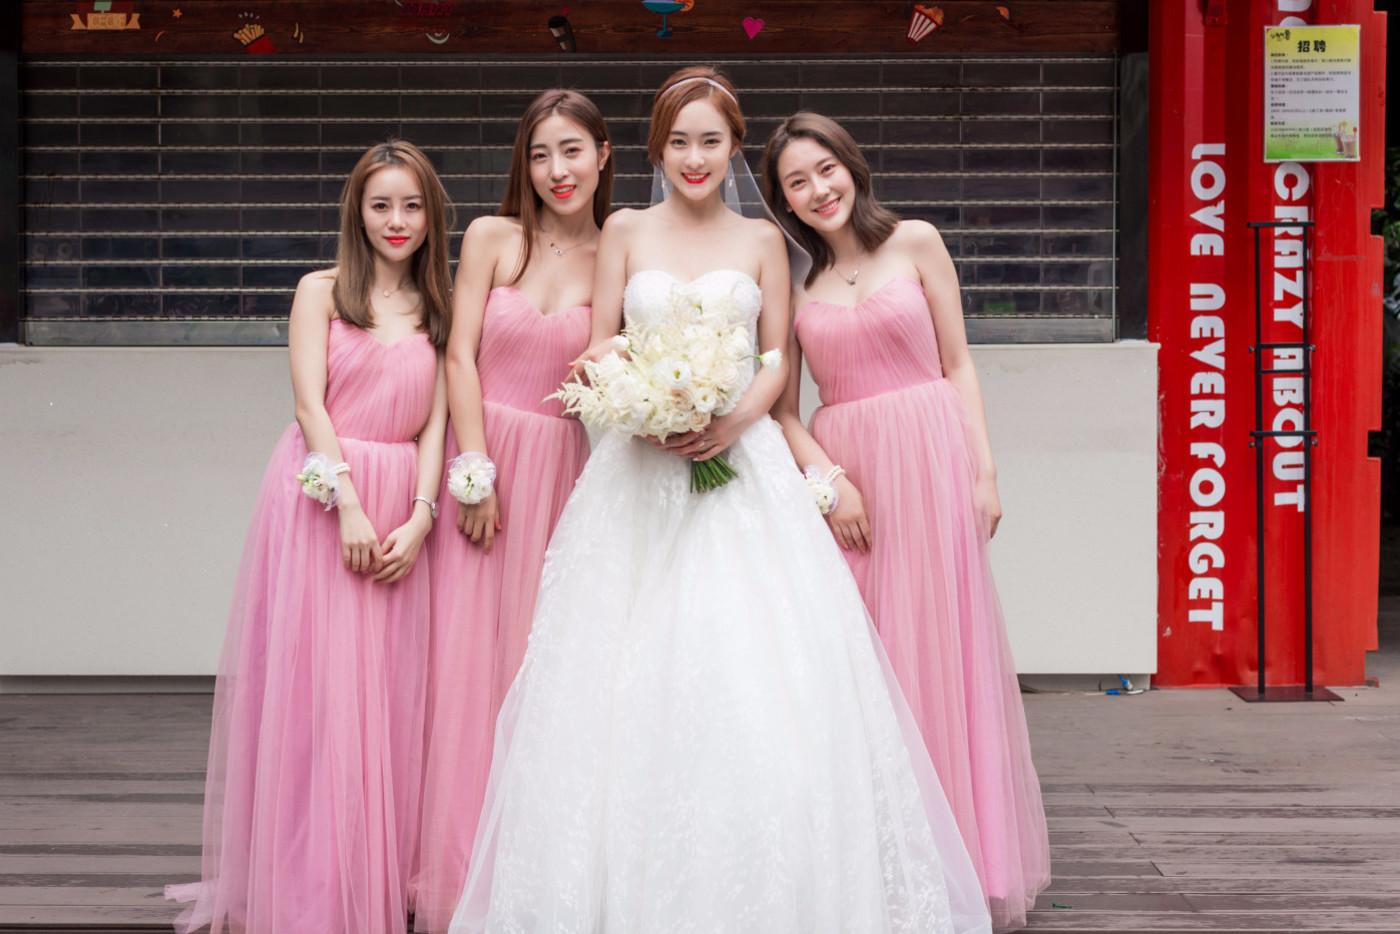 大美女的婚礼36